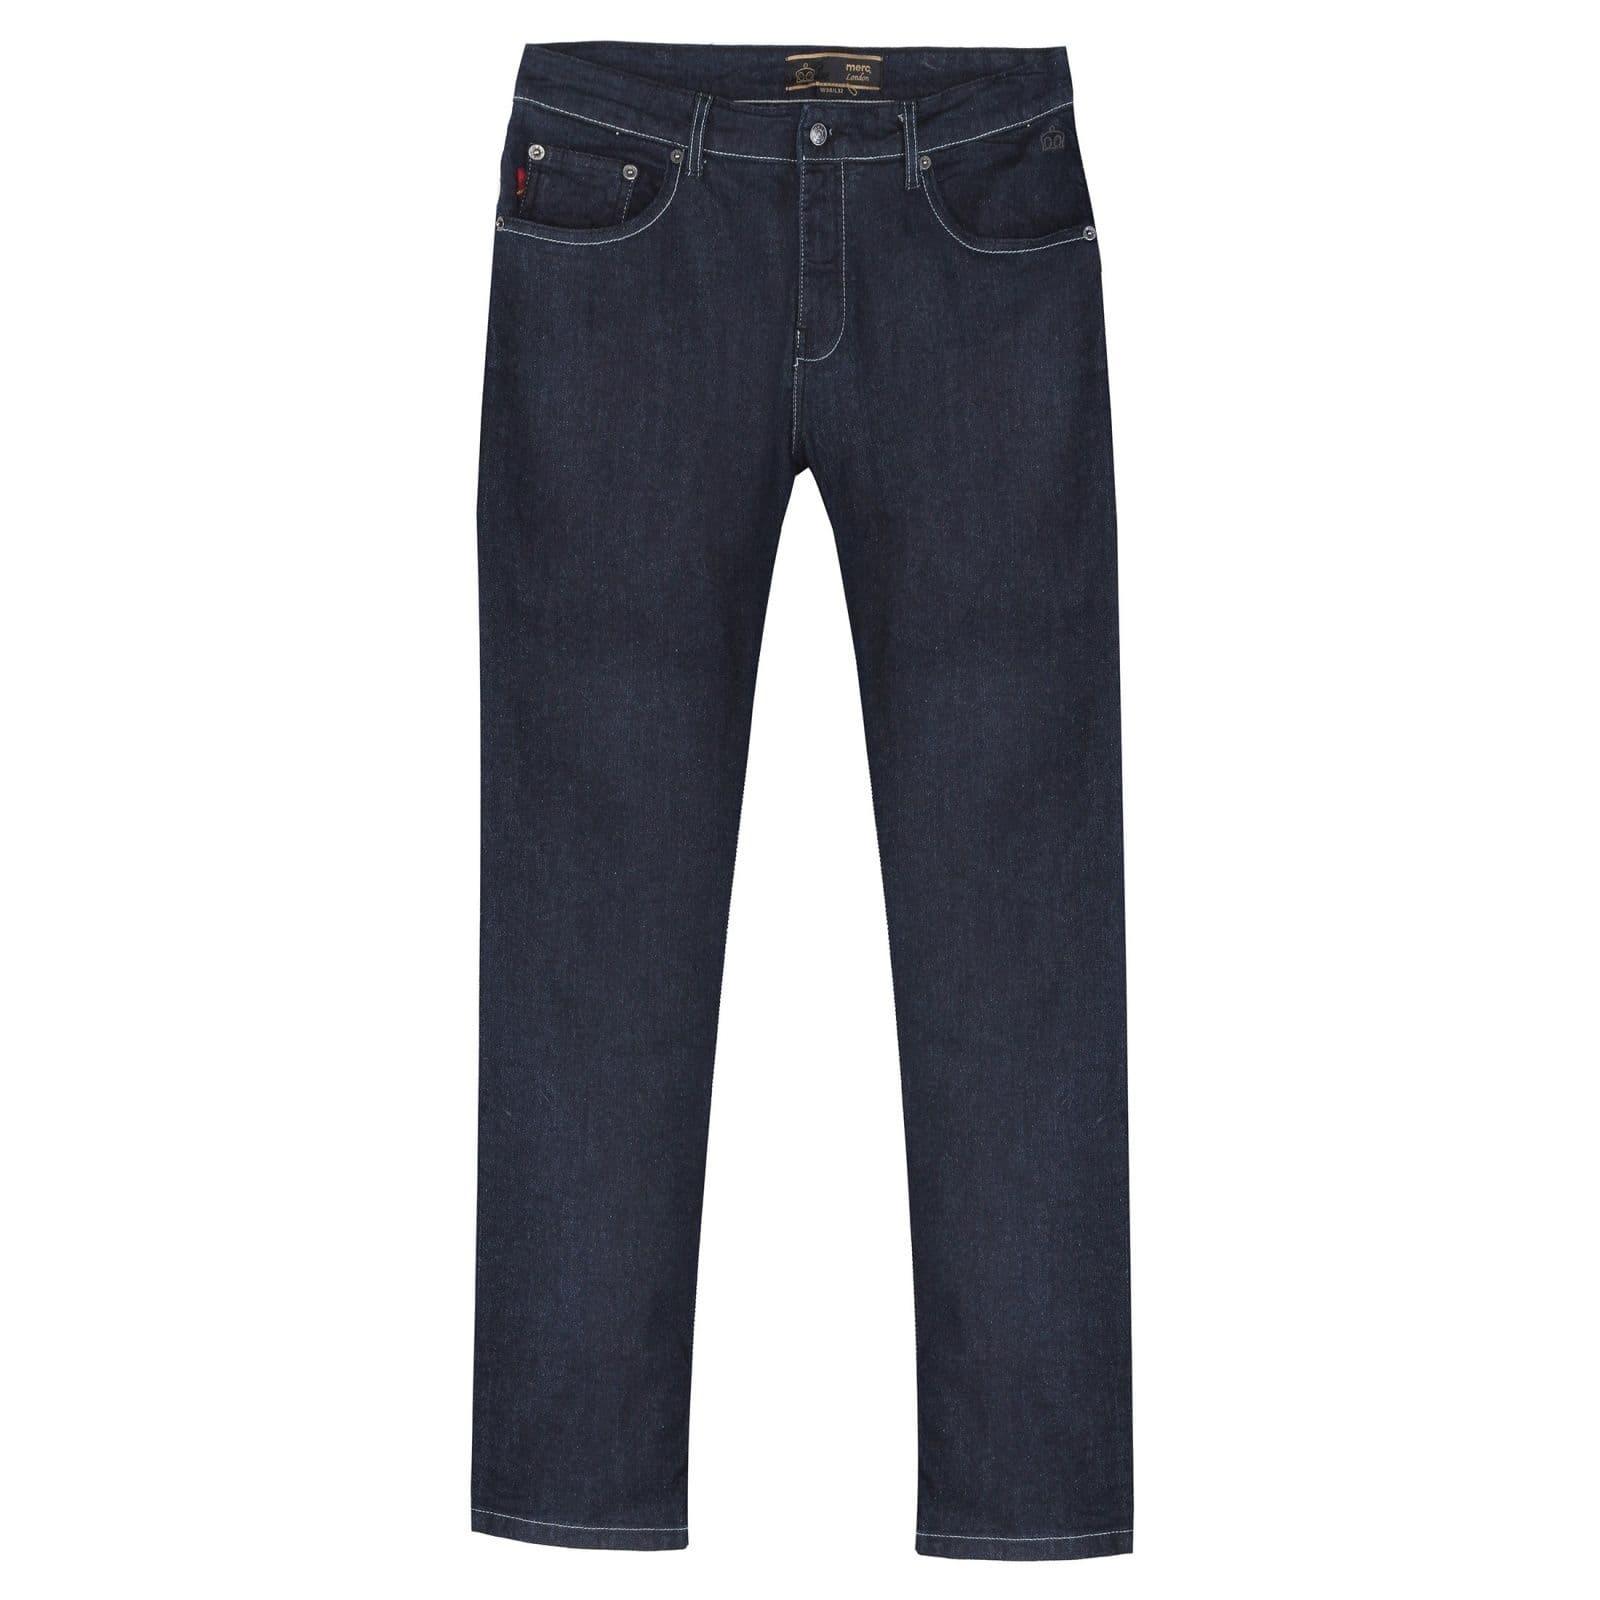 Джинсы AshvilleБрюки и шорты<br>Классические, умеренно зауженного фасона, мужские кэжуальные джинсы на стандартной талии, произведенные из прочного и легкого денима. Основным декоративным элементом данной модели является контрастная белая прострочка, красиво выделяющаяся на благородной черновато-синей основе. Брендовая составляющая подчеркнута узнаваемой тартановой отделкой карманов и внутренних швов, продолжающейся снаружи в виде ярлычка на пятом кармане, кожаным патчем с тиснением традиционного логотипа Merc, а также фирменной эмблемой Корона, вышитой над левым карманом спереди. Универсальная плотность материала позволяет носить эти практичные джинсы значительную часть календарного года. Они хорошо впишутся в офисный дресс-код в сочетании с casual пиджаком, строгой рубашкой, однотонным трикотажем и формальной обувью, такой как броги, челси или дерби, и в то же время будут весьма органично смотреться в комбинации с рубашкой поло, Харрингтоном, свитшотом, футболкой, кедами или кроссовками. Стирать при температуре 30-40 °C.<br><br>Артикул: 1D169101<br>Материал: 99% хлопок, 1% эластан<br>Цвет: черновато-синий<br>Пол: Мужской